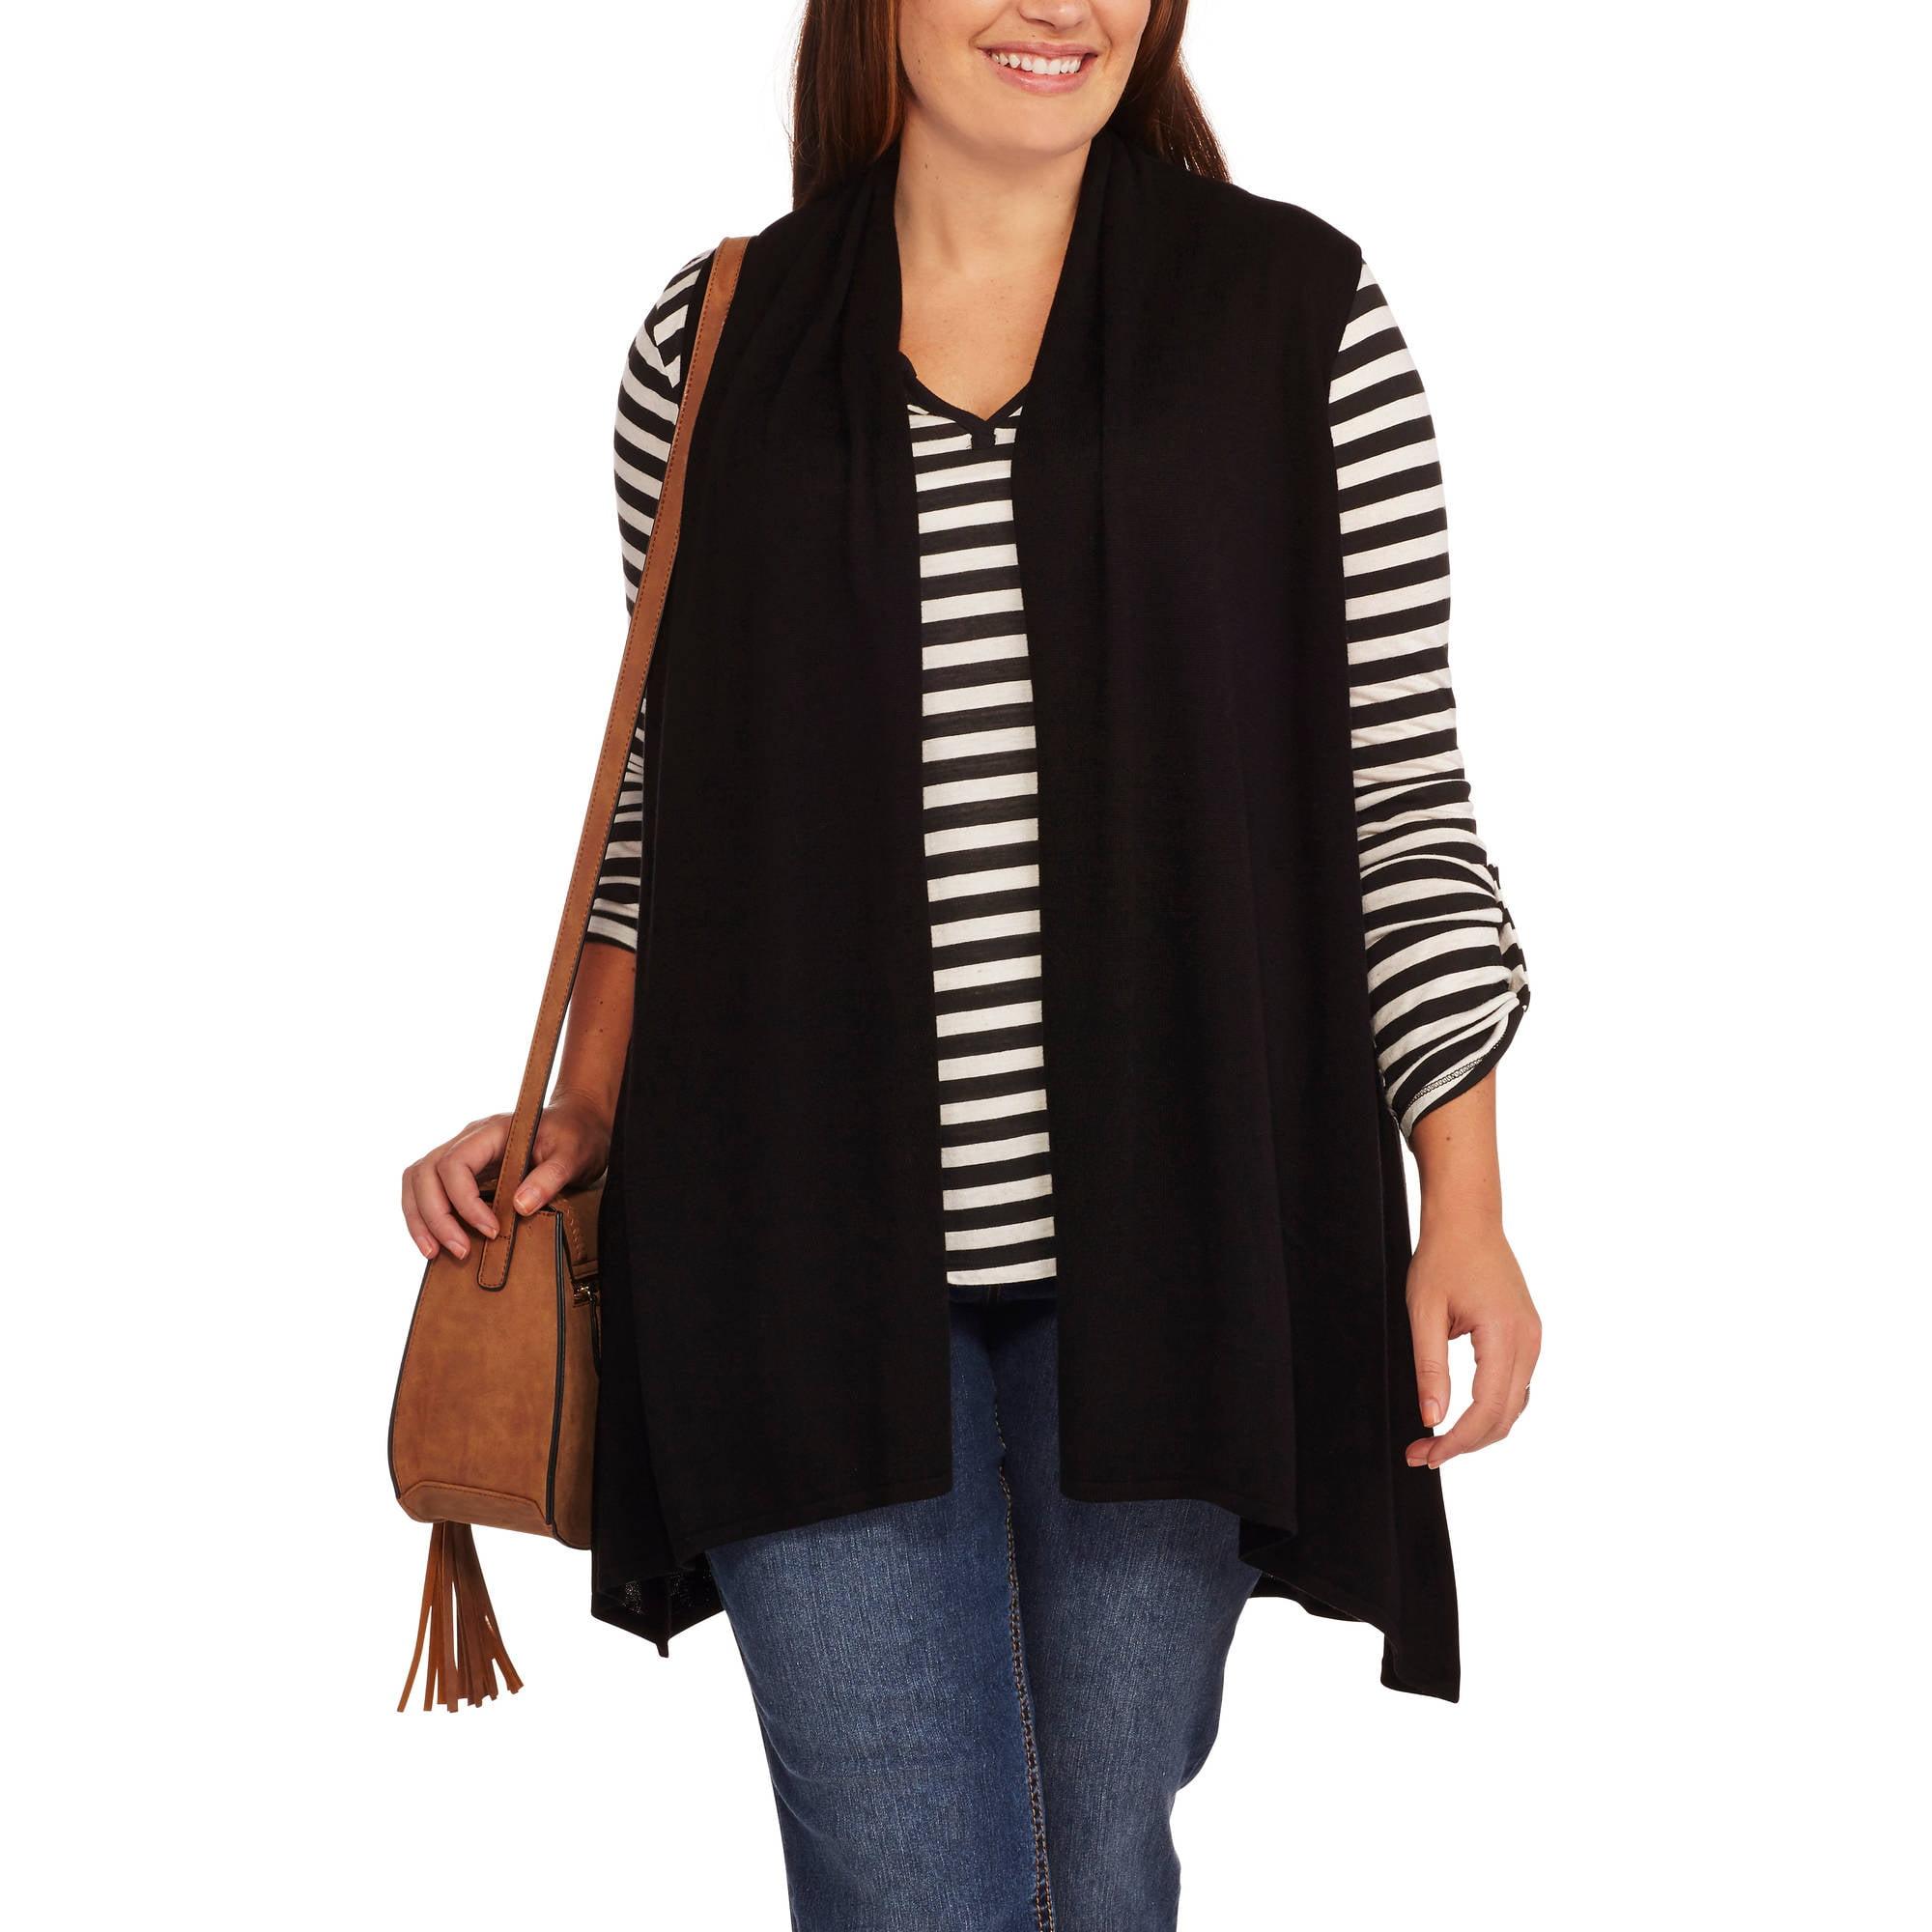 Concepts Womens Plus Size Flyaway Sweater Vest Walmartcom